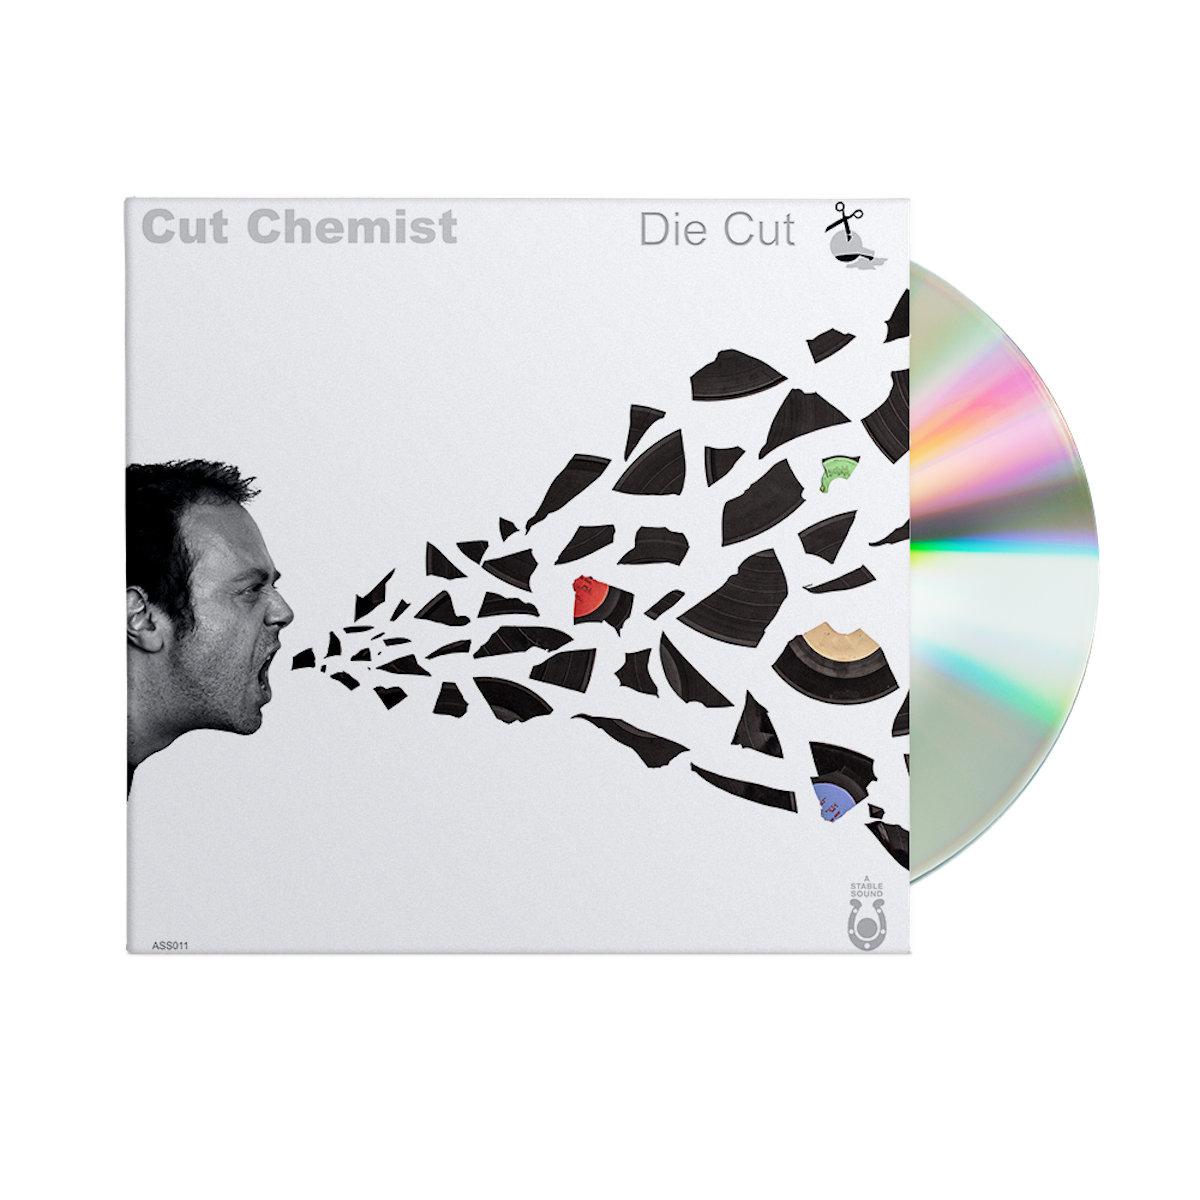 Die Cut Cut Chemist